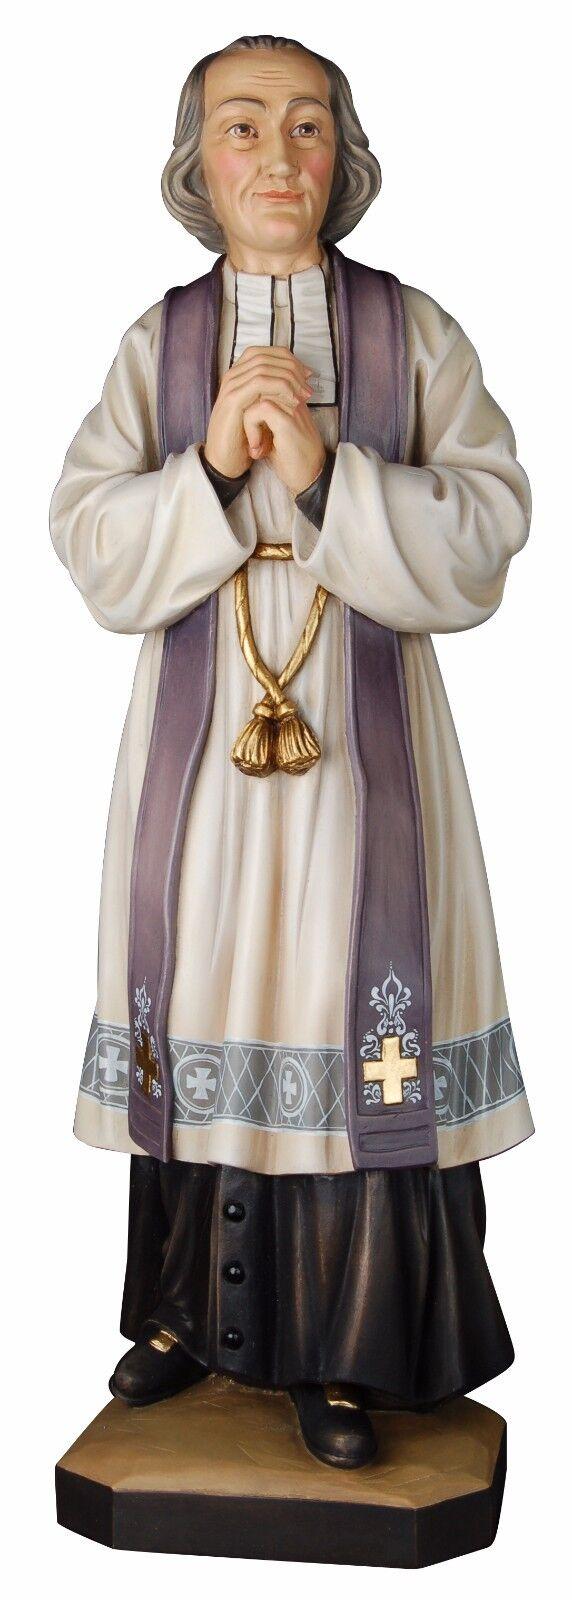 Statue Heiliger Bearbeitete D'Ars . St.Jean-Marie Baptiste Vienney Wooden